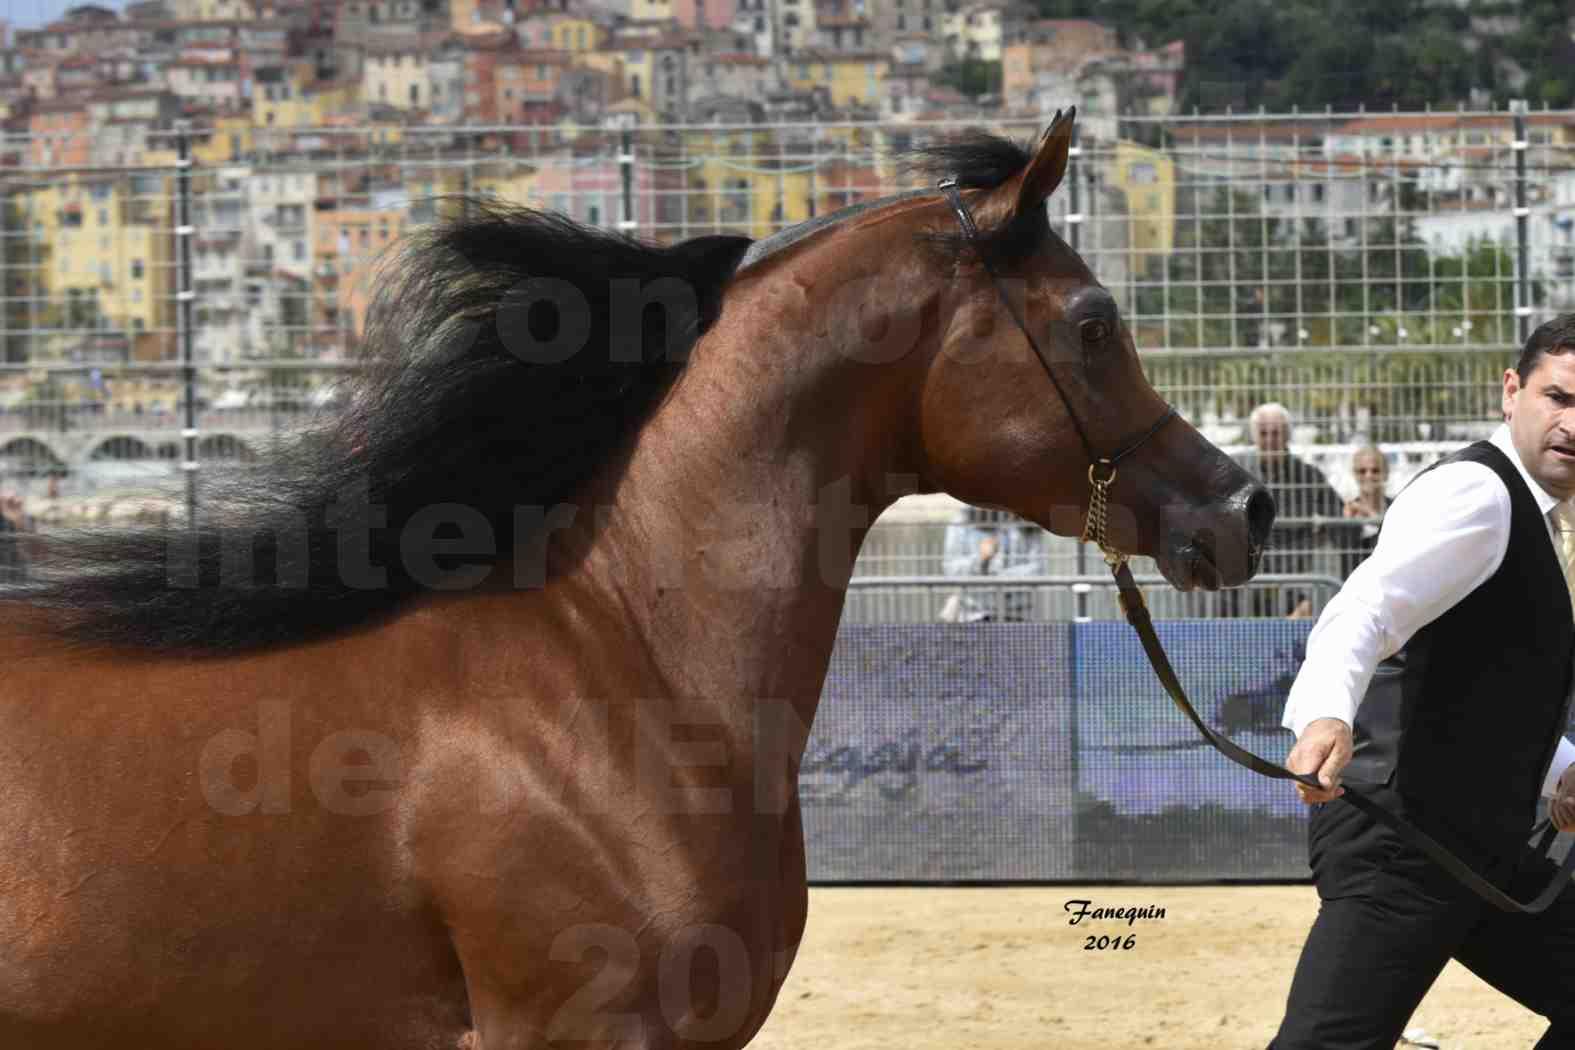 Championnat du pur-sang arabe de la Méditerranée et des pays arabes - MENTON 2016 - GALLARDO J - Notre Sélection - Portraits - 1